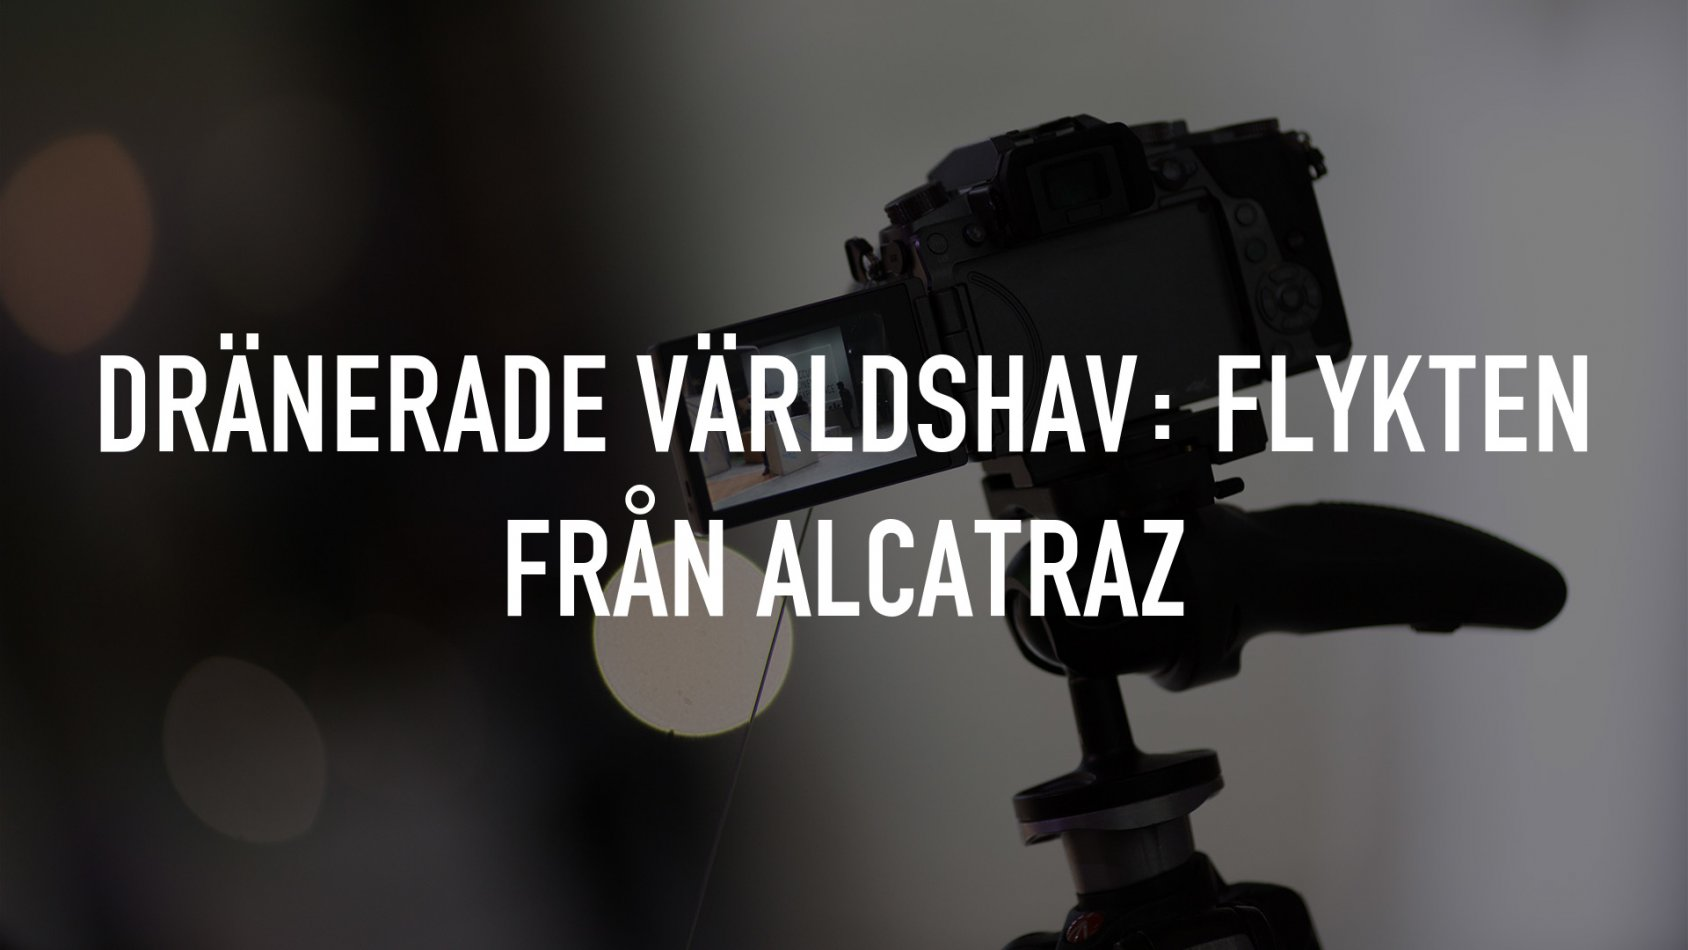 Dränerade världshav: Flykten från Alcatraz